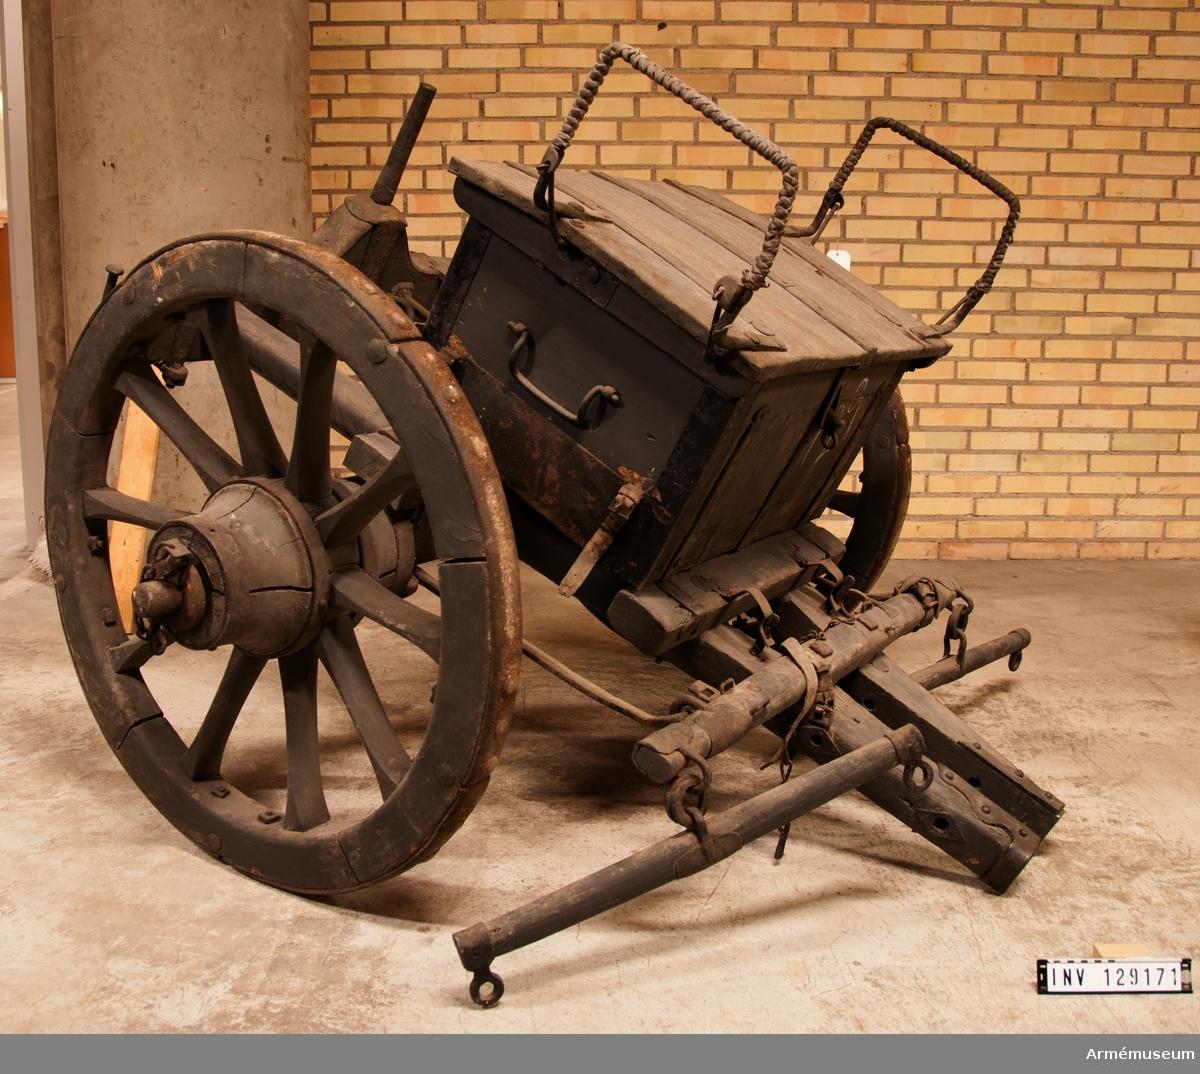 Föreställare som ursprungligen använts av den franska armén under Napoleon I. Endast underredet är ursprungligt medan ammunitionskistan är tillkommen senare på Carl von Cardells initiativ.  Underredet är framtill försett med förvåg och två svänglar samt fäste för tistelstång. Mellan tvärslån och förvågen finns två metallbyglar som är låsbara med en sprint. Baktill en kraftig järnpigg där kanonens lavett fästs. Kistan är lös och kan flyttas framåt och bakåt och fixeras med hjälp av haspar. Den är förstärkt med järnplåt vid hörnen, i nederkant och på locket. På kistans kortsidor finns bärhandtag och på lockets sidor finns uppfällbara handtag som är klädda med flätad läderrem. Inuti är kistan försedd med träinsats för kartuscher./ KT 2018-02-06